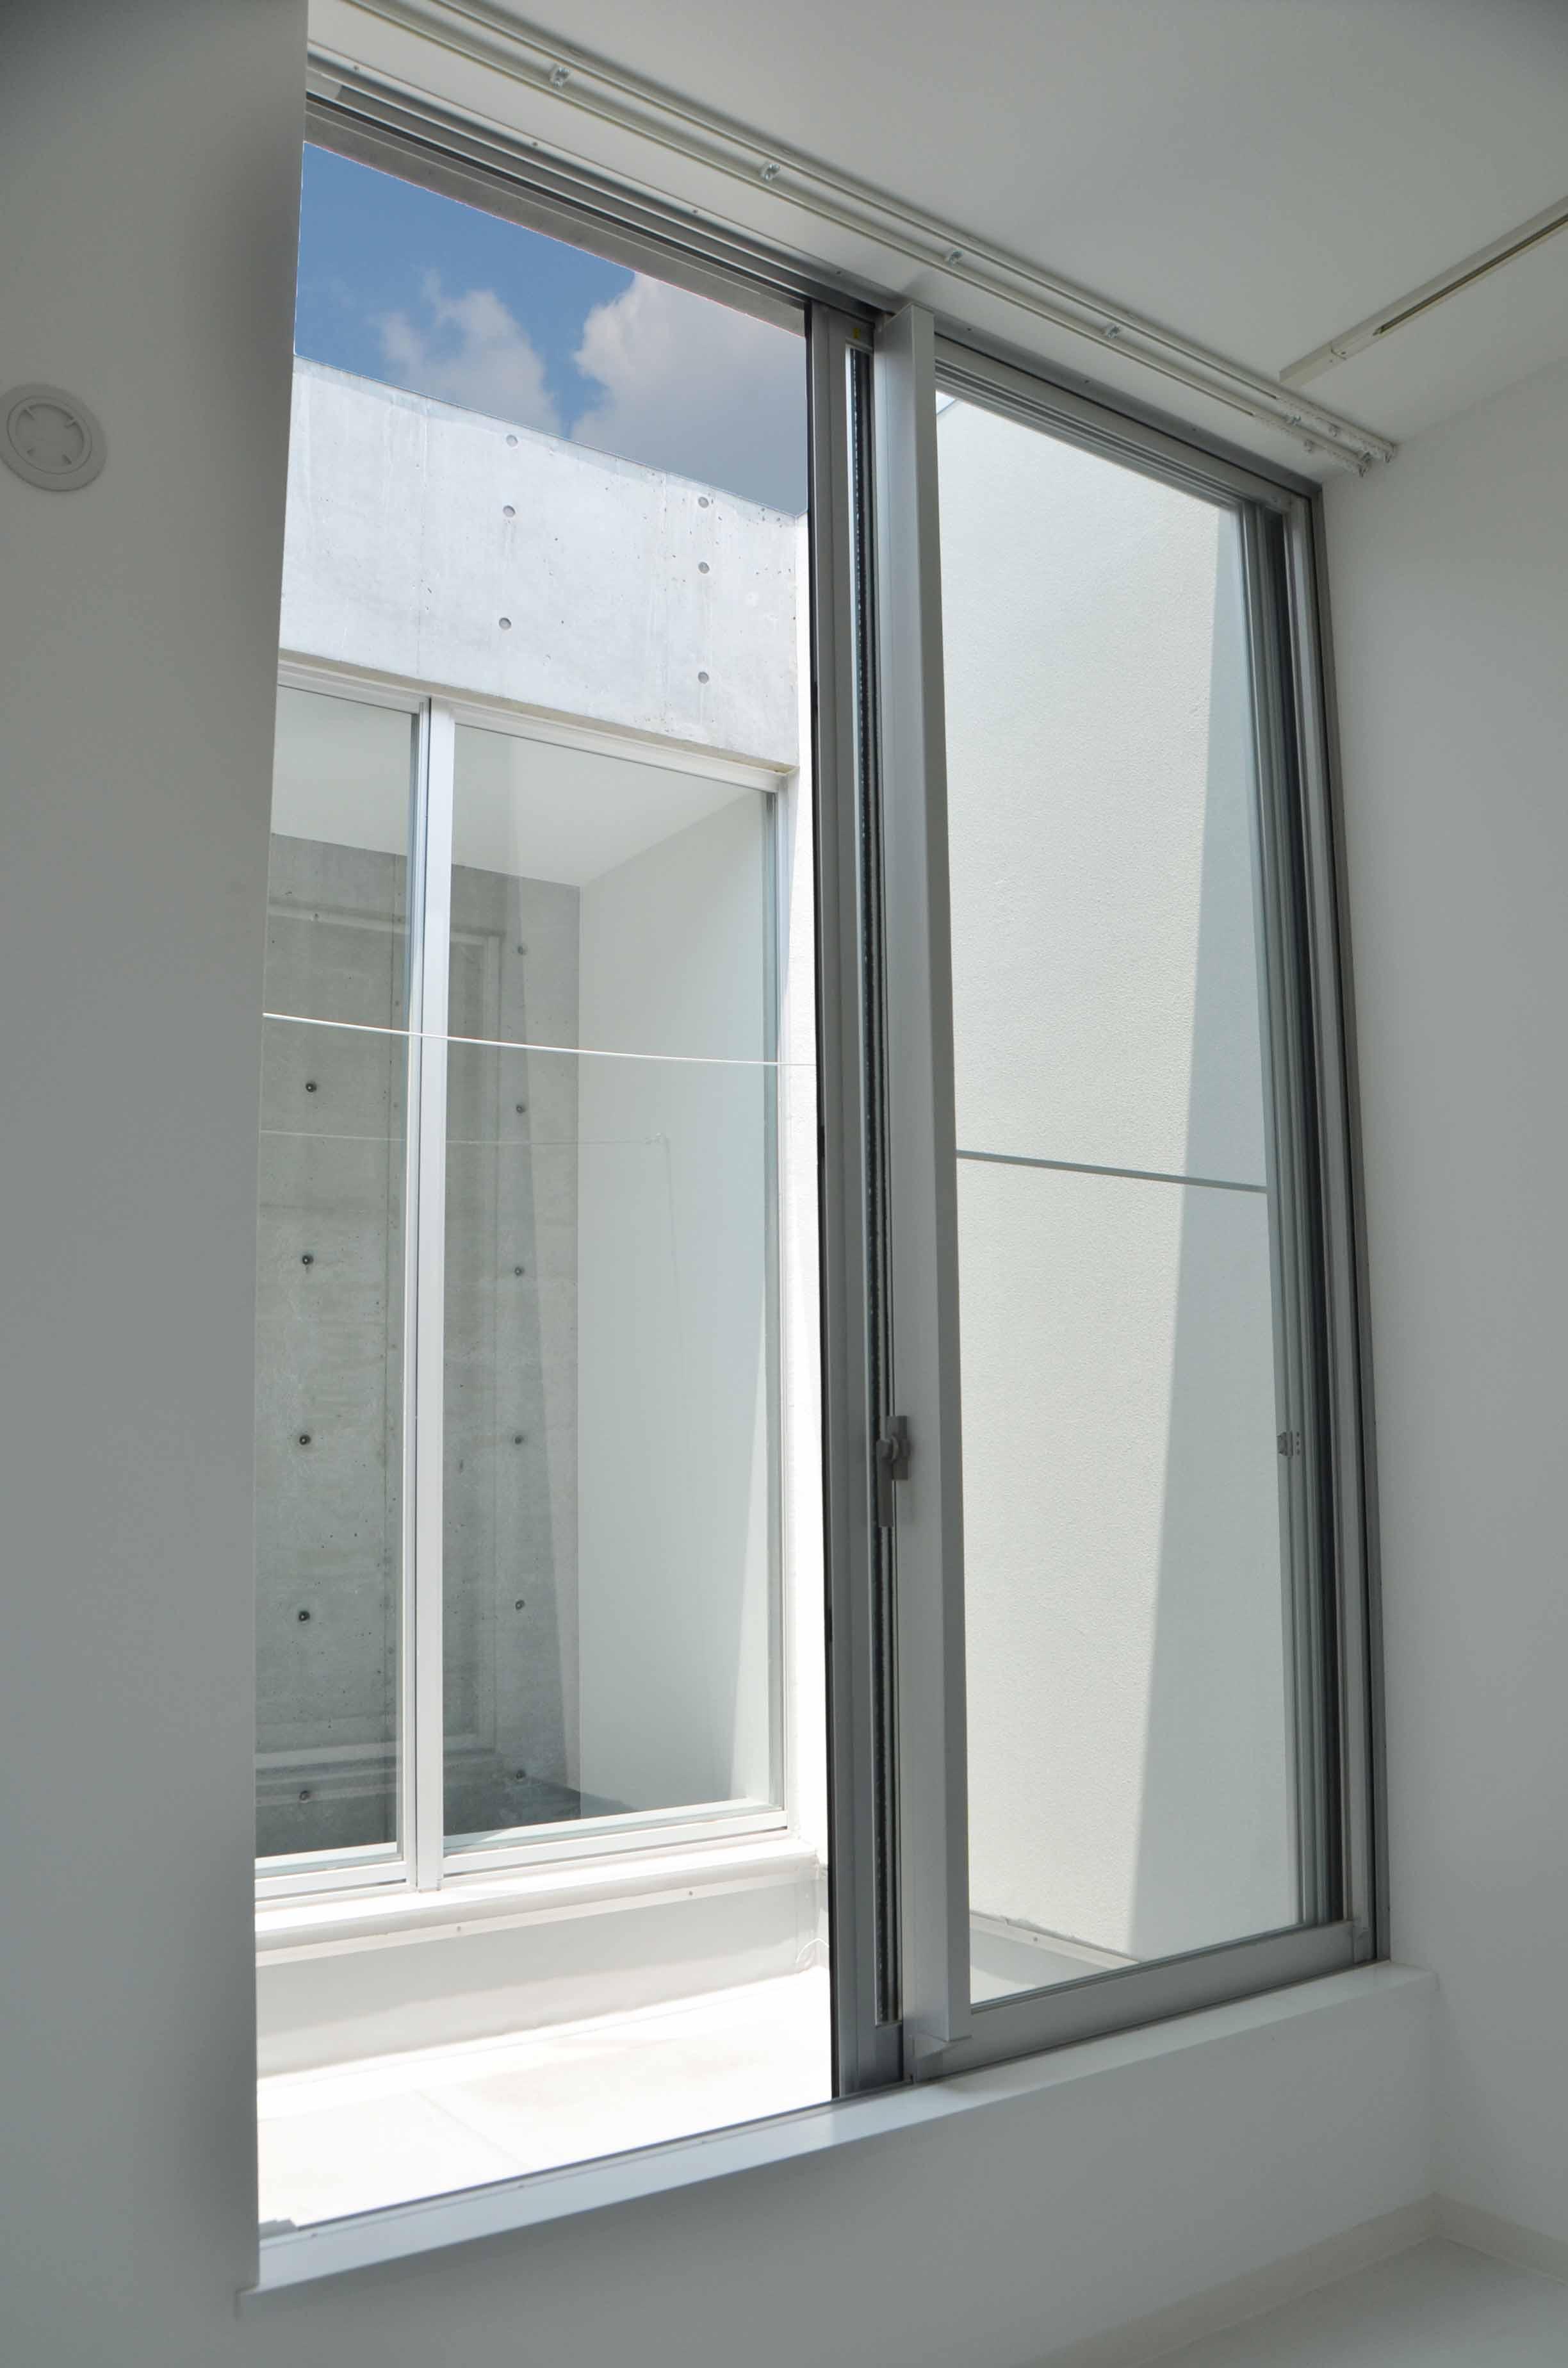 窓から垣間が見える、青い空。DSC_7439